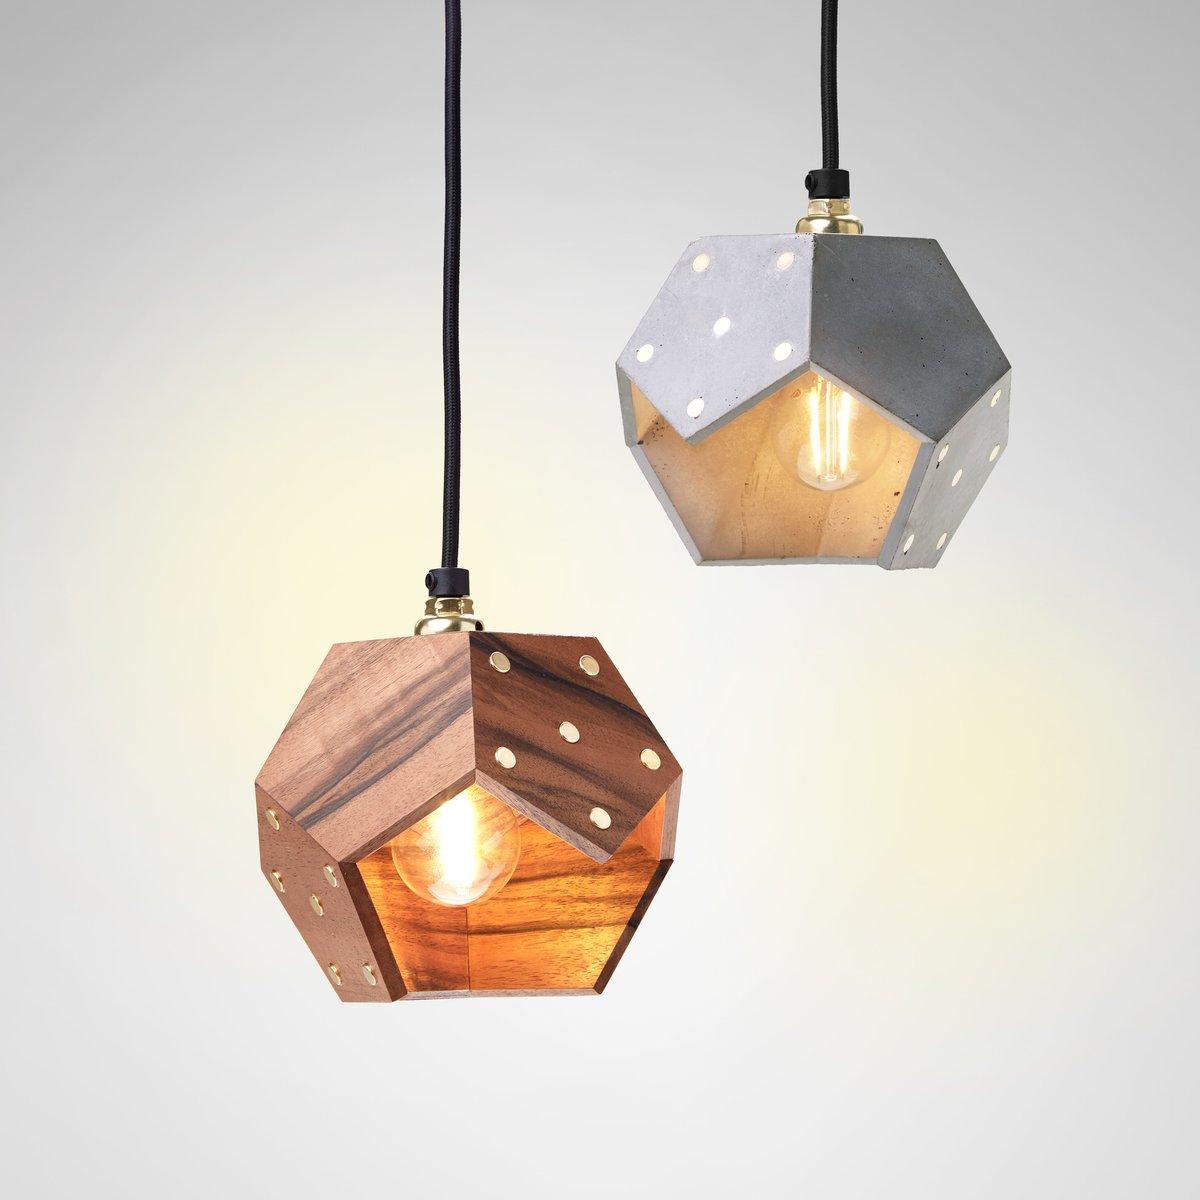 Basic TWELVE Duo Hängelampe in Beton & Nussholz von Plato Design